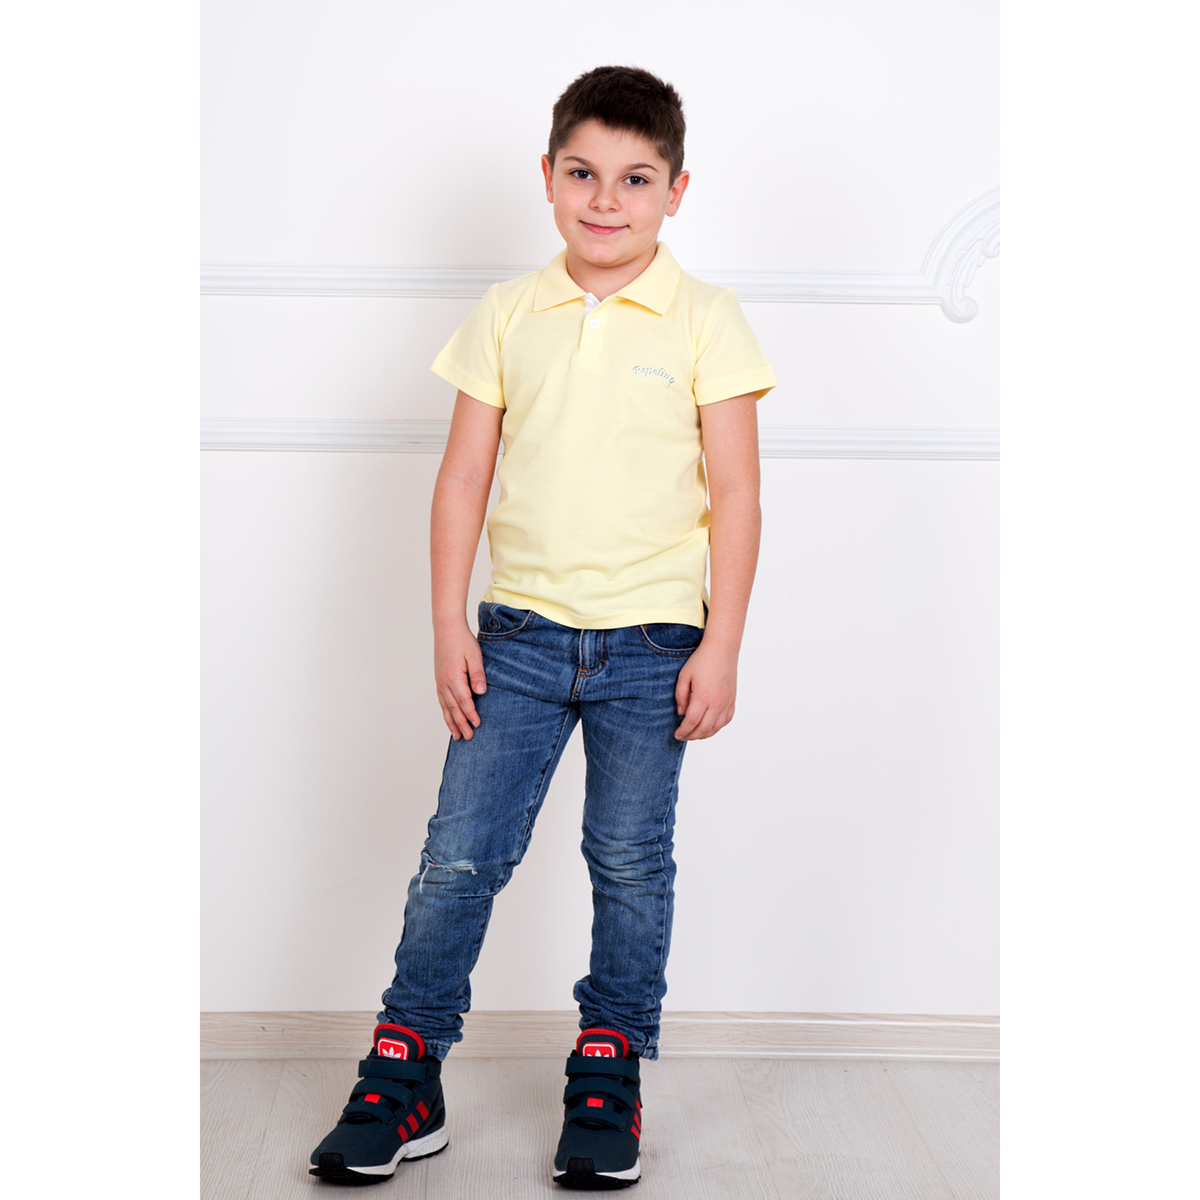 """Детская футболка-поло """"Круиз"""", размер 3 года"""